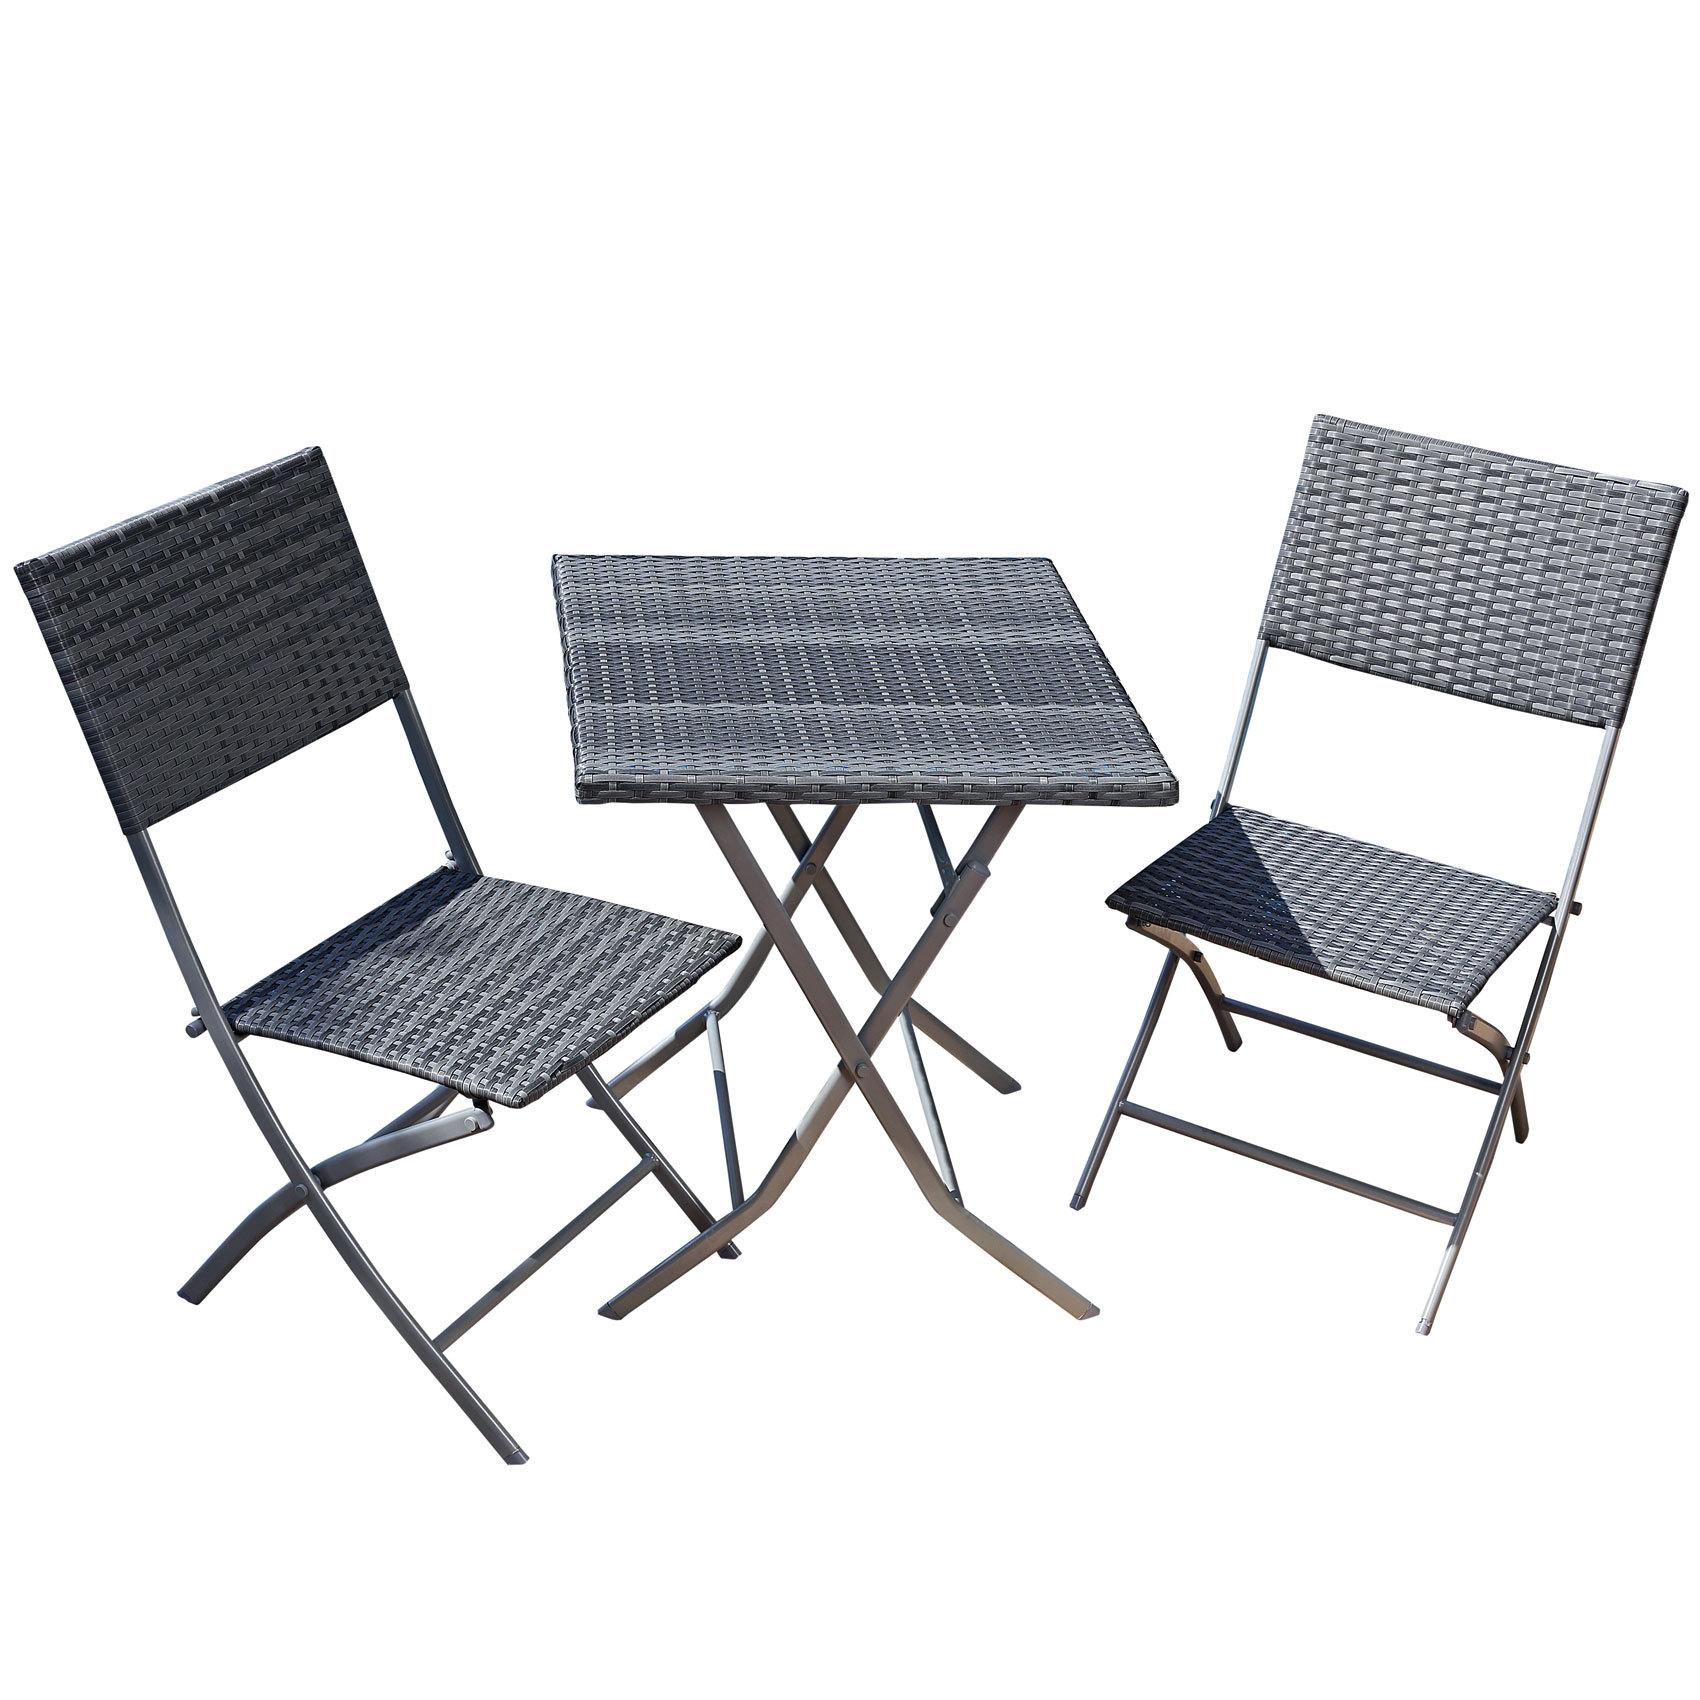 wicker folding chairs. HK STEEL WICKER FOLDABLE SET 2 CHR Wicker Folding Chairs